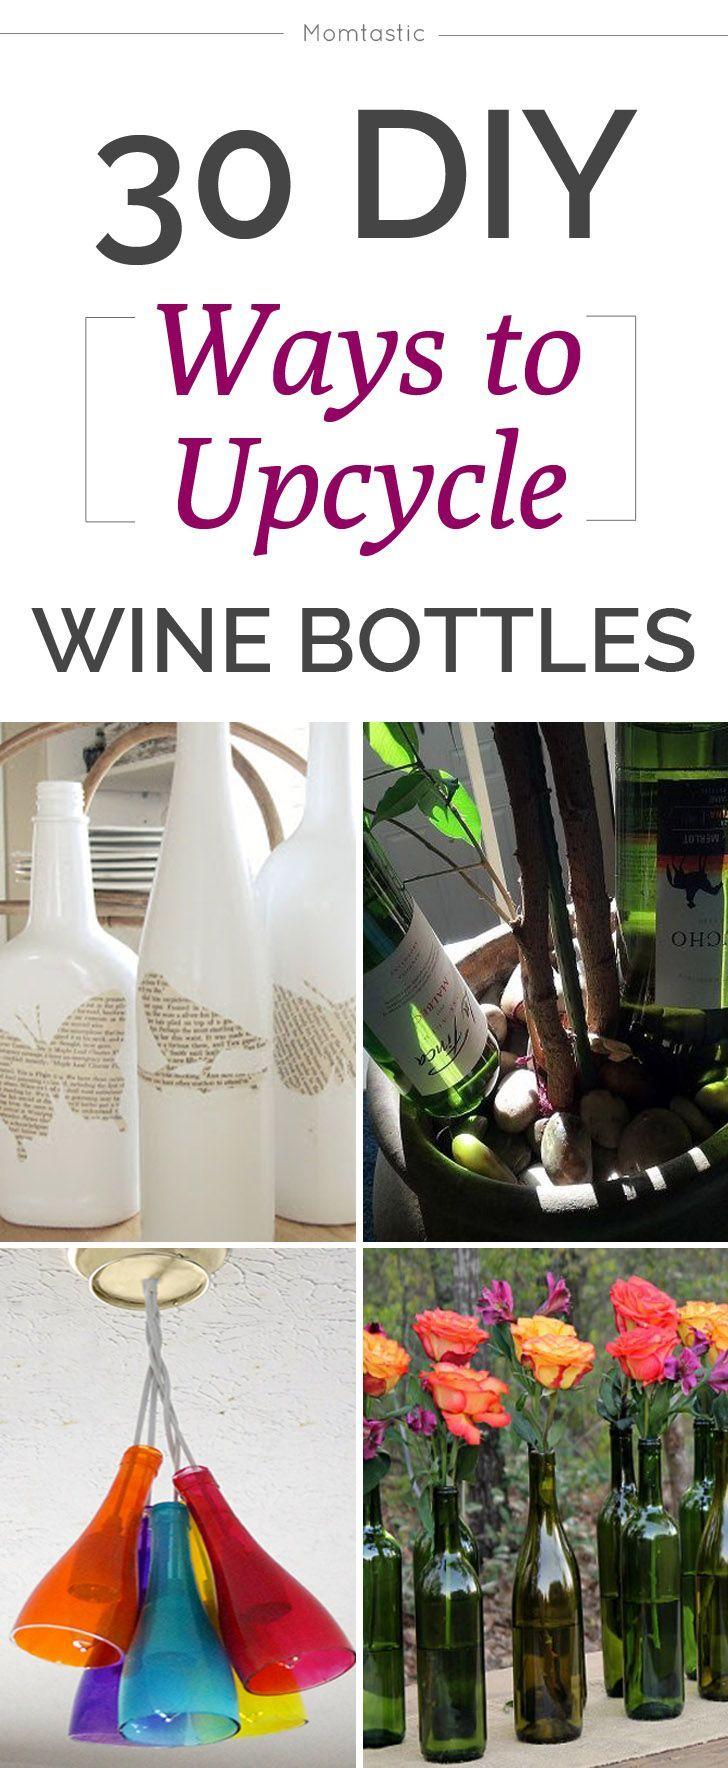 81 besten leere flaschen dekorieren bilder auf pinterest flaschen dekorieren leere flaschen. Black Bedroom Furniture Sets. Home Design Ideas